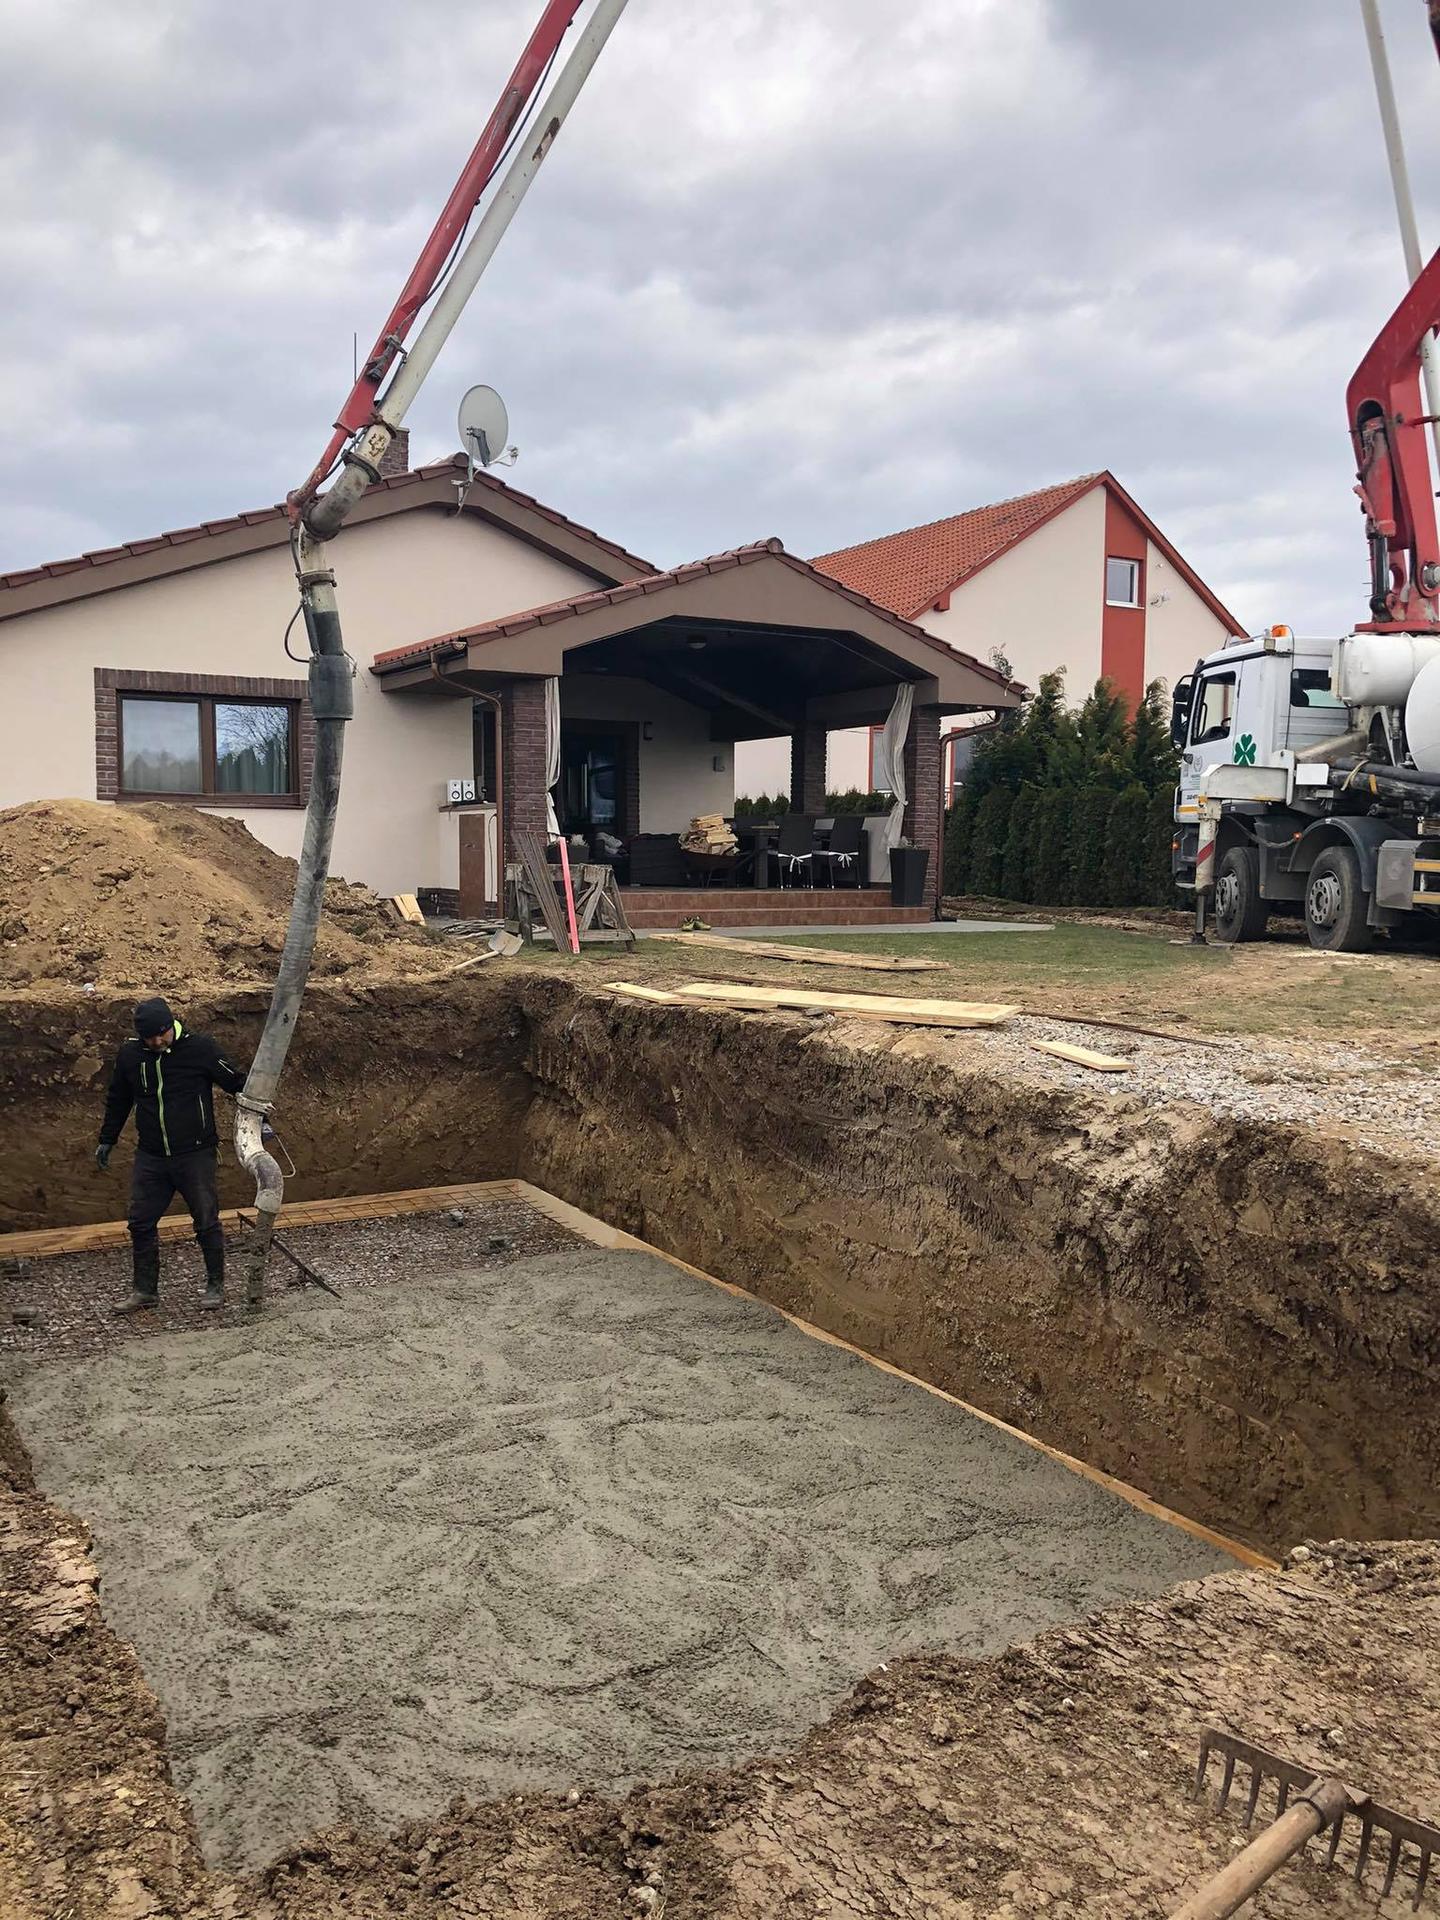 murovany bazen 9x4 svojpomocne